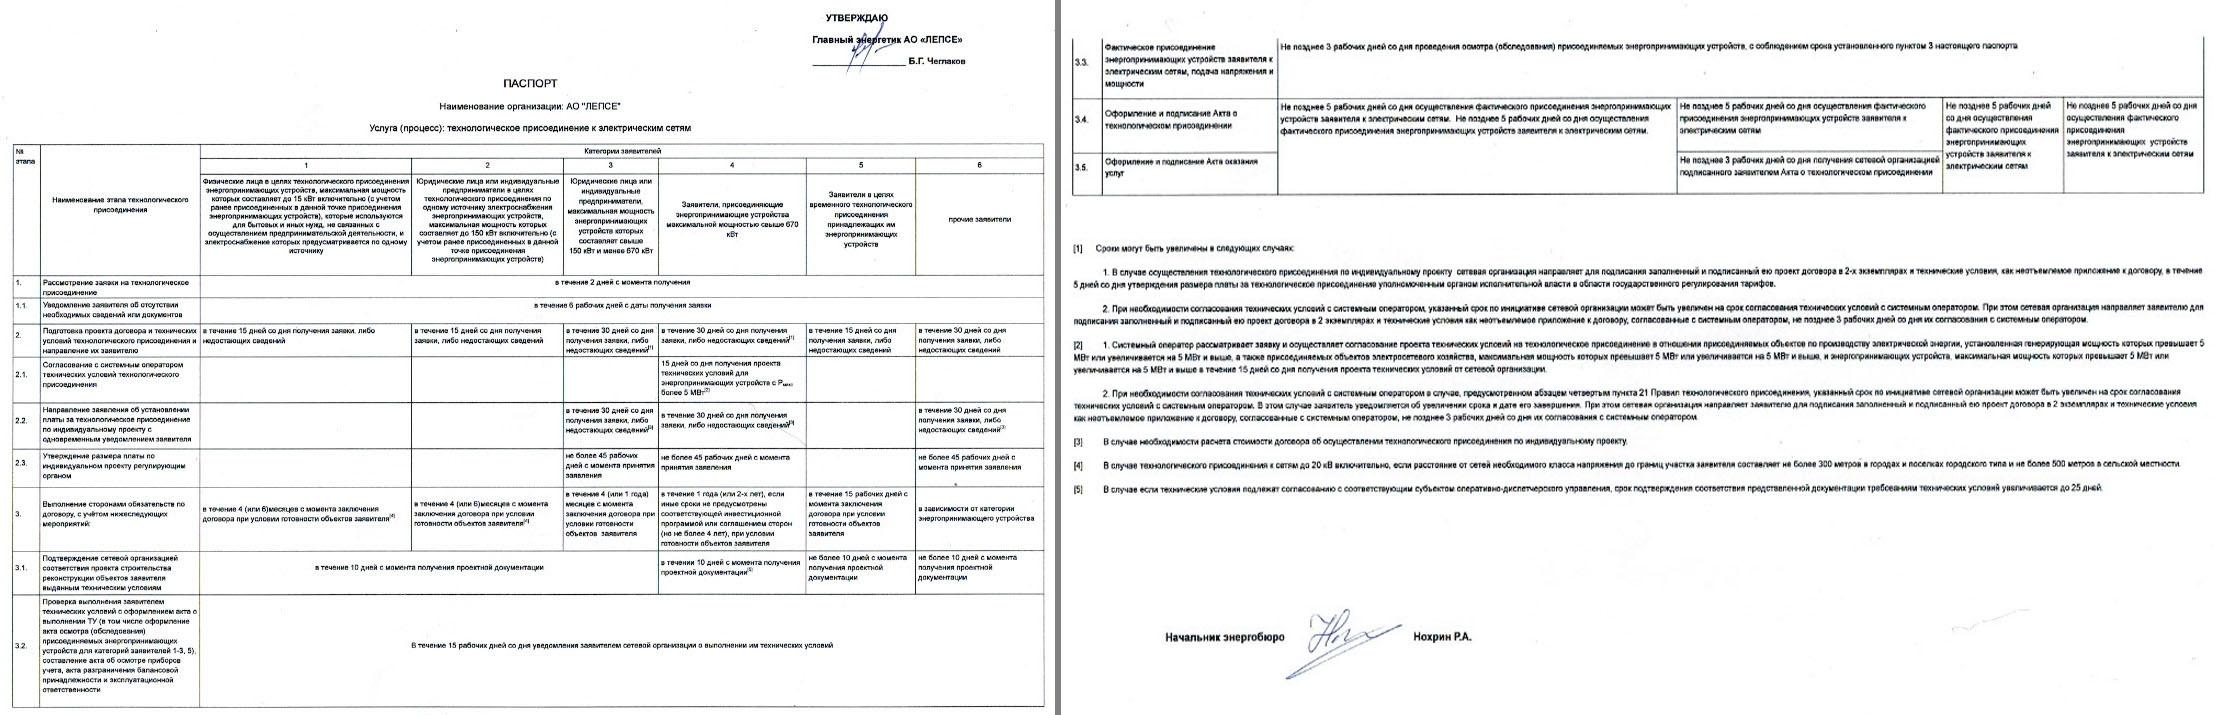 Технологическое присоединение к электрическим сетям по индивидуальному договору услуги по получению документов для электроснабжения в Баррикадная улица